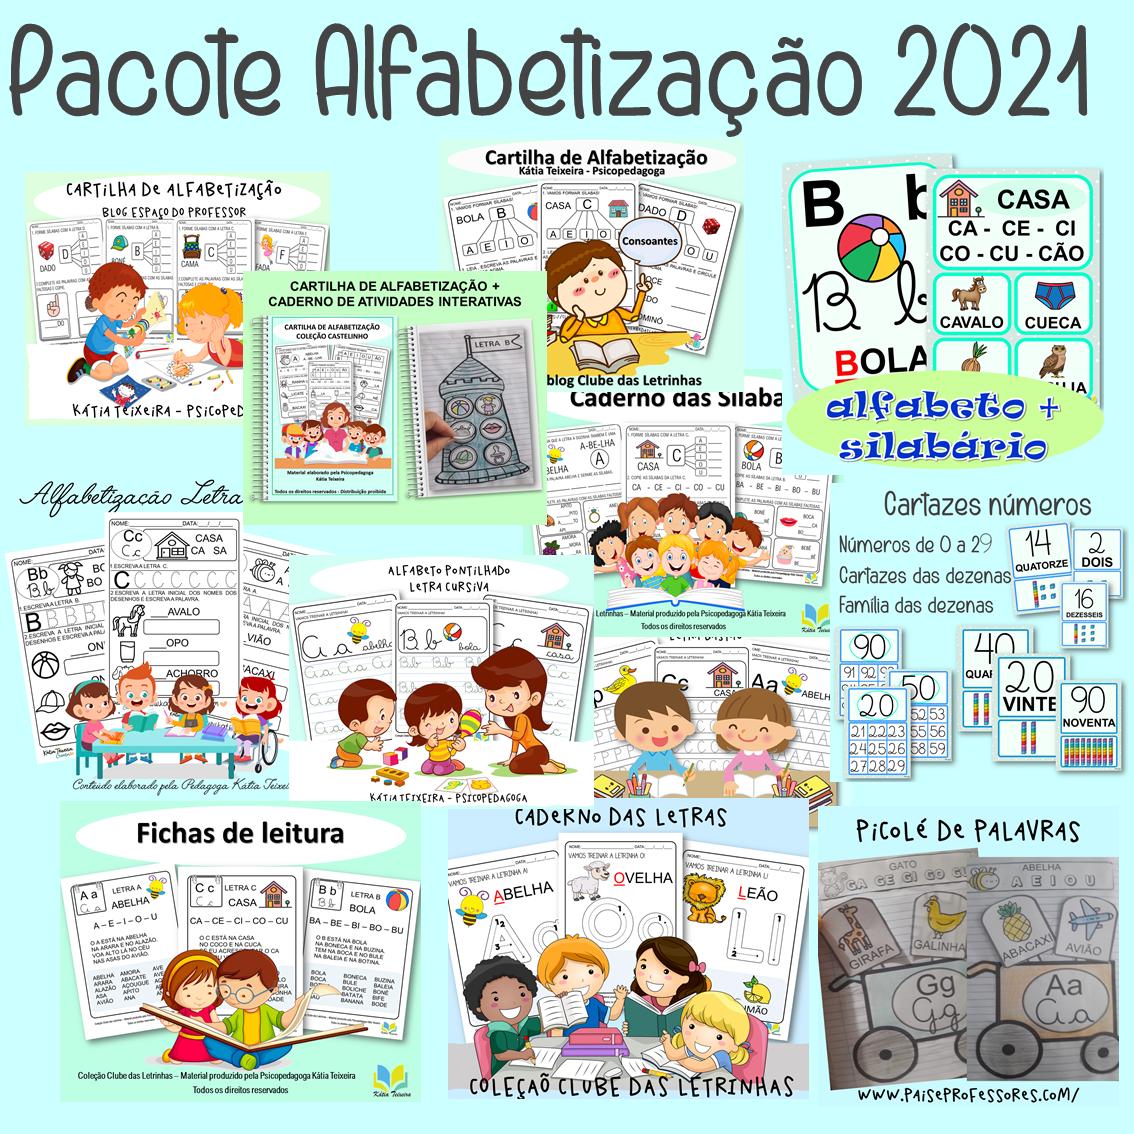 Foto 1 - Kit alfabetização com 11 apostilas + cartazes do alfabeto, silabário e números até 100